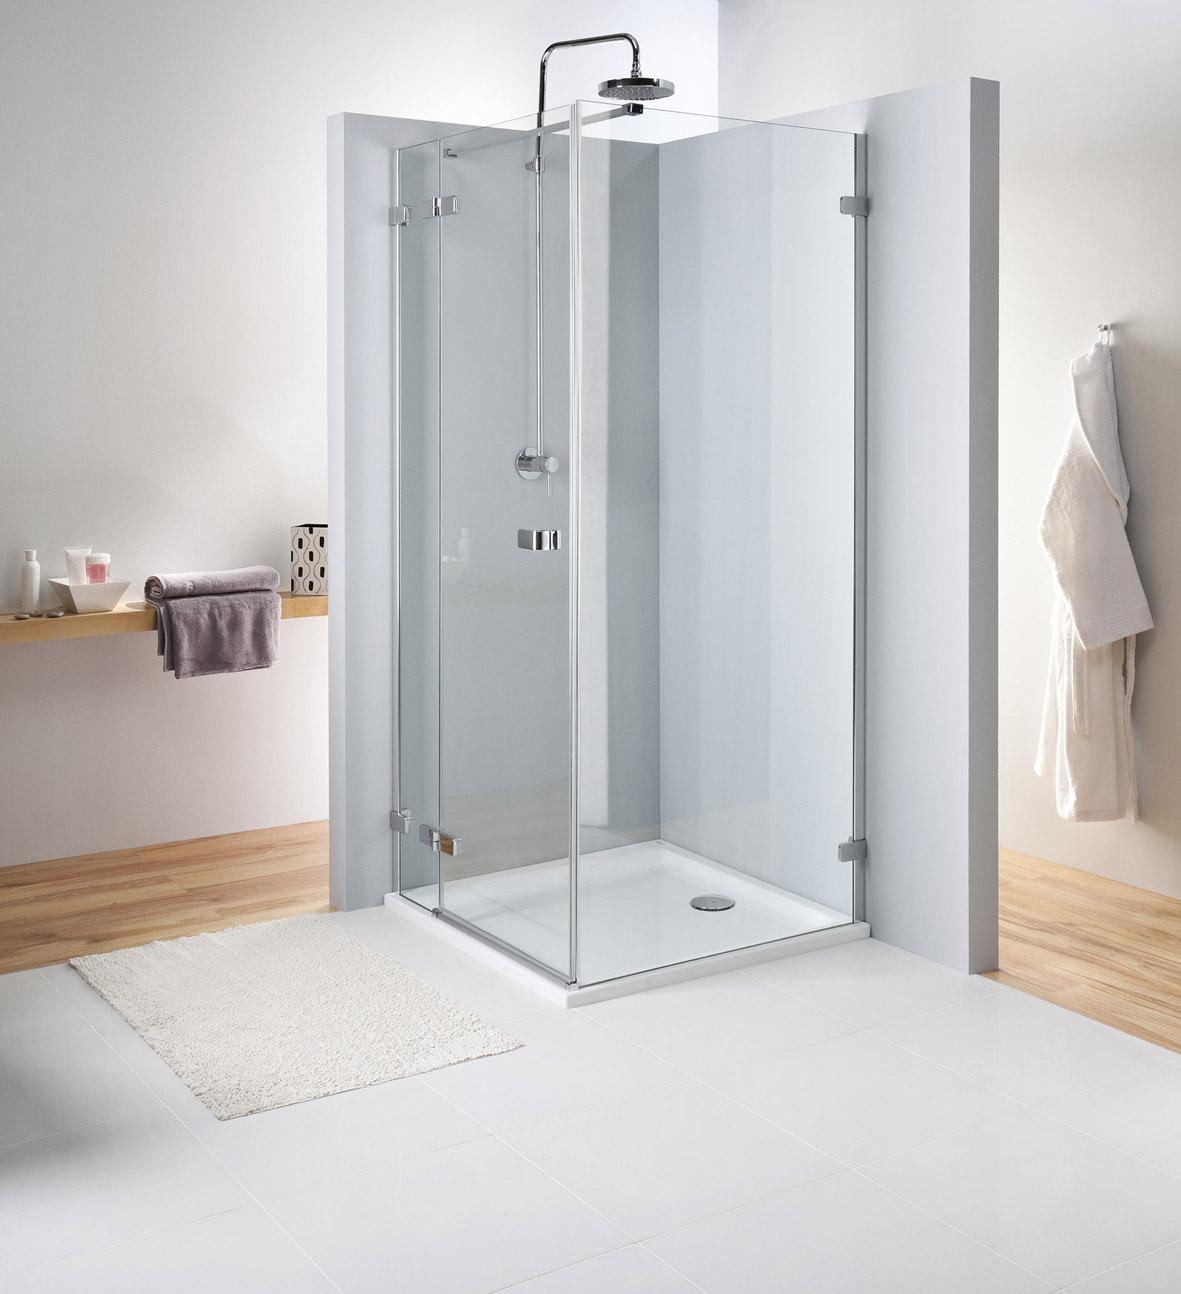 Kolo Next - křídlové dveře 80 cm, pro kombinaci s pevnou boční stěnou, sklo čiré, stříbrná lesklá HDSF80222003 L/R